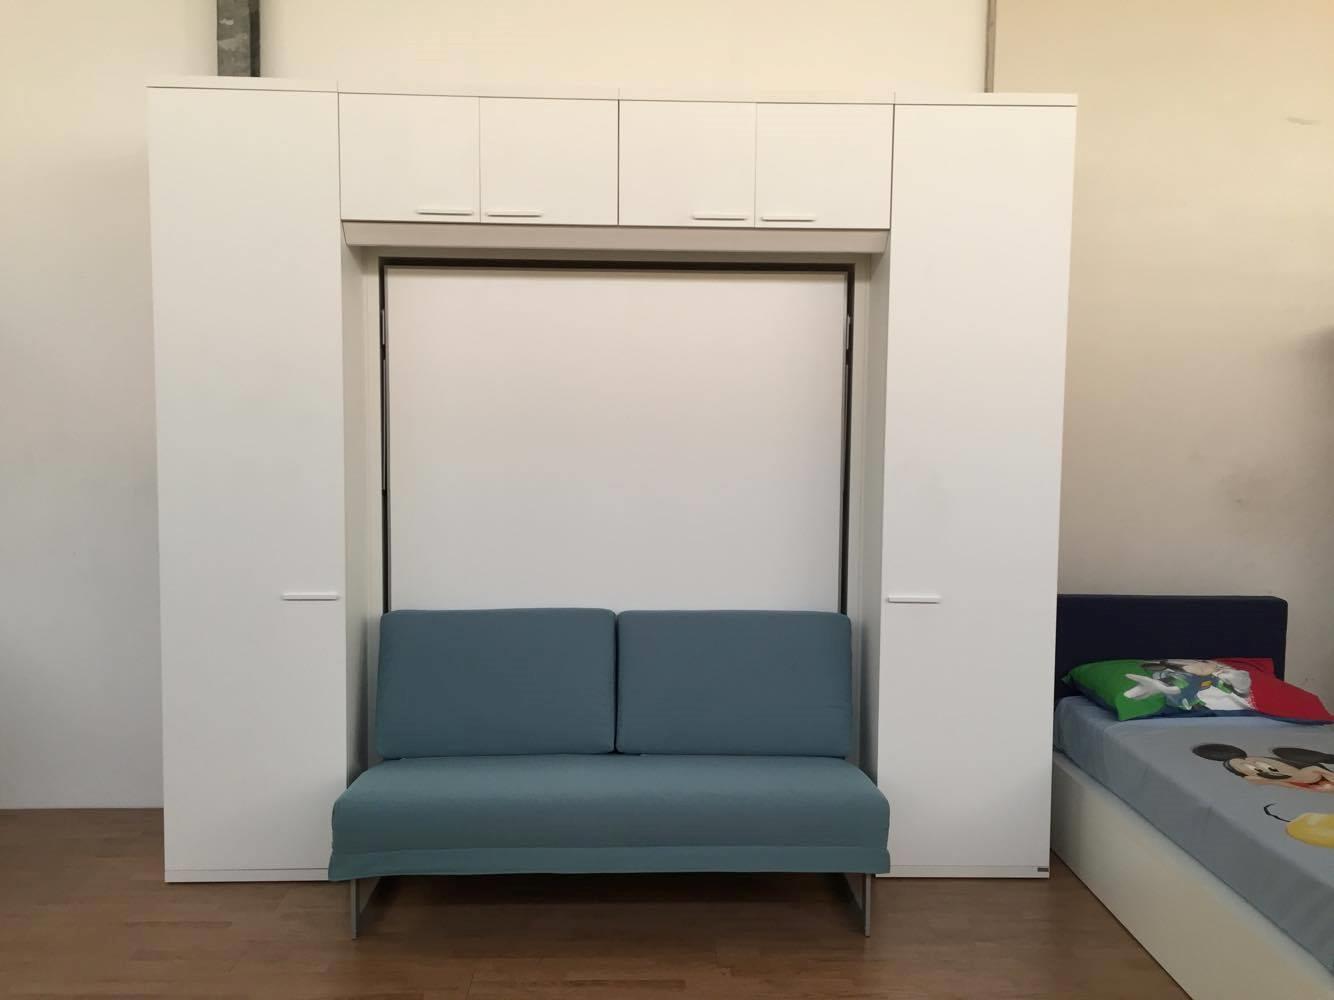 Camera matrimoniale a scomparsa con divano e armadiatura - Mobile letto singolo ikea ...